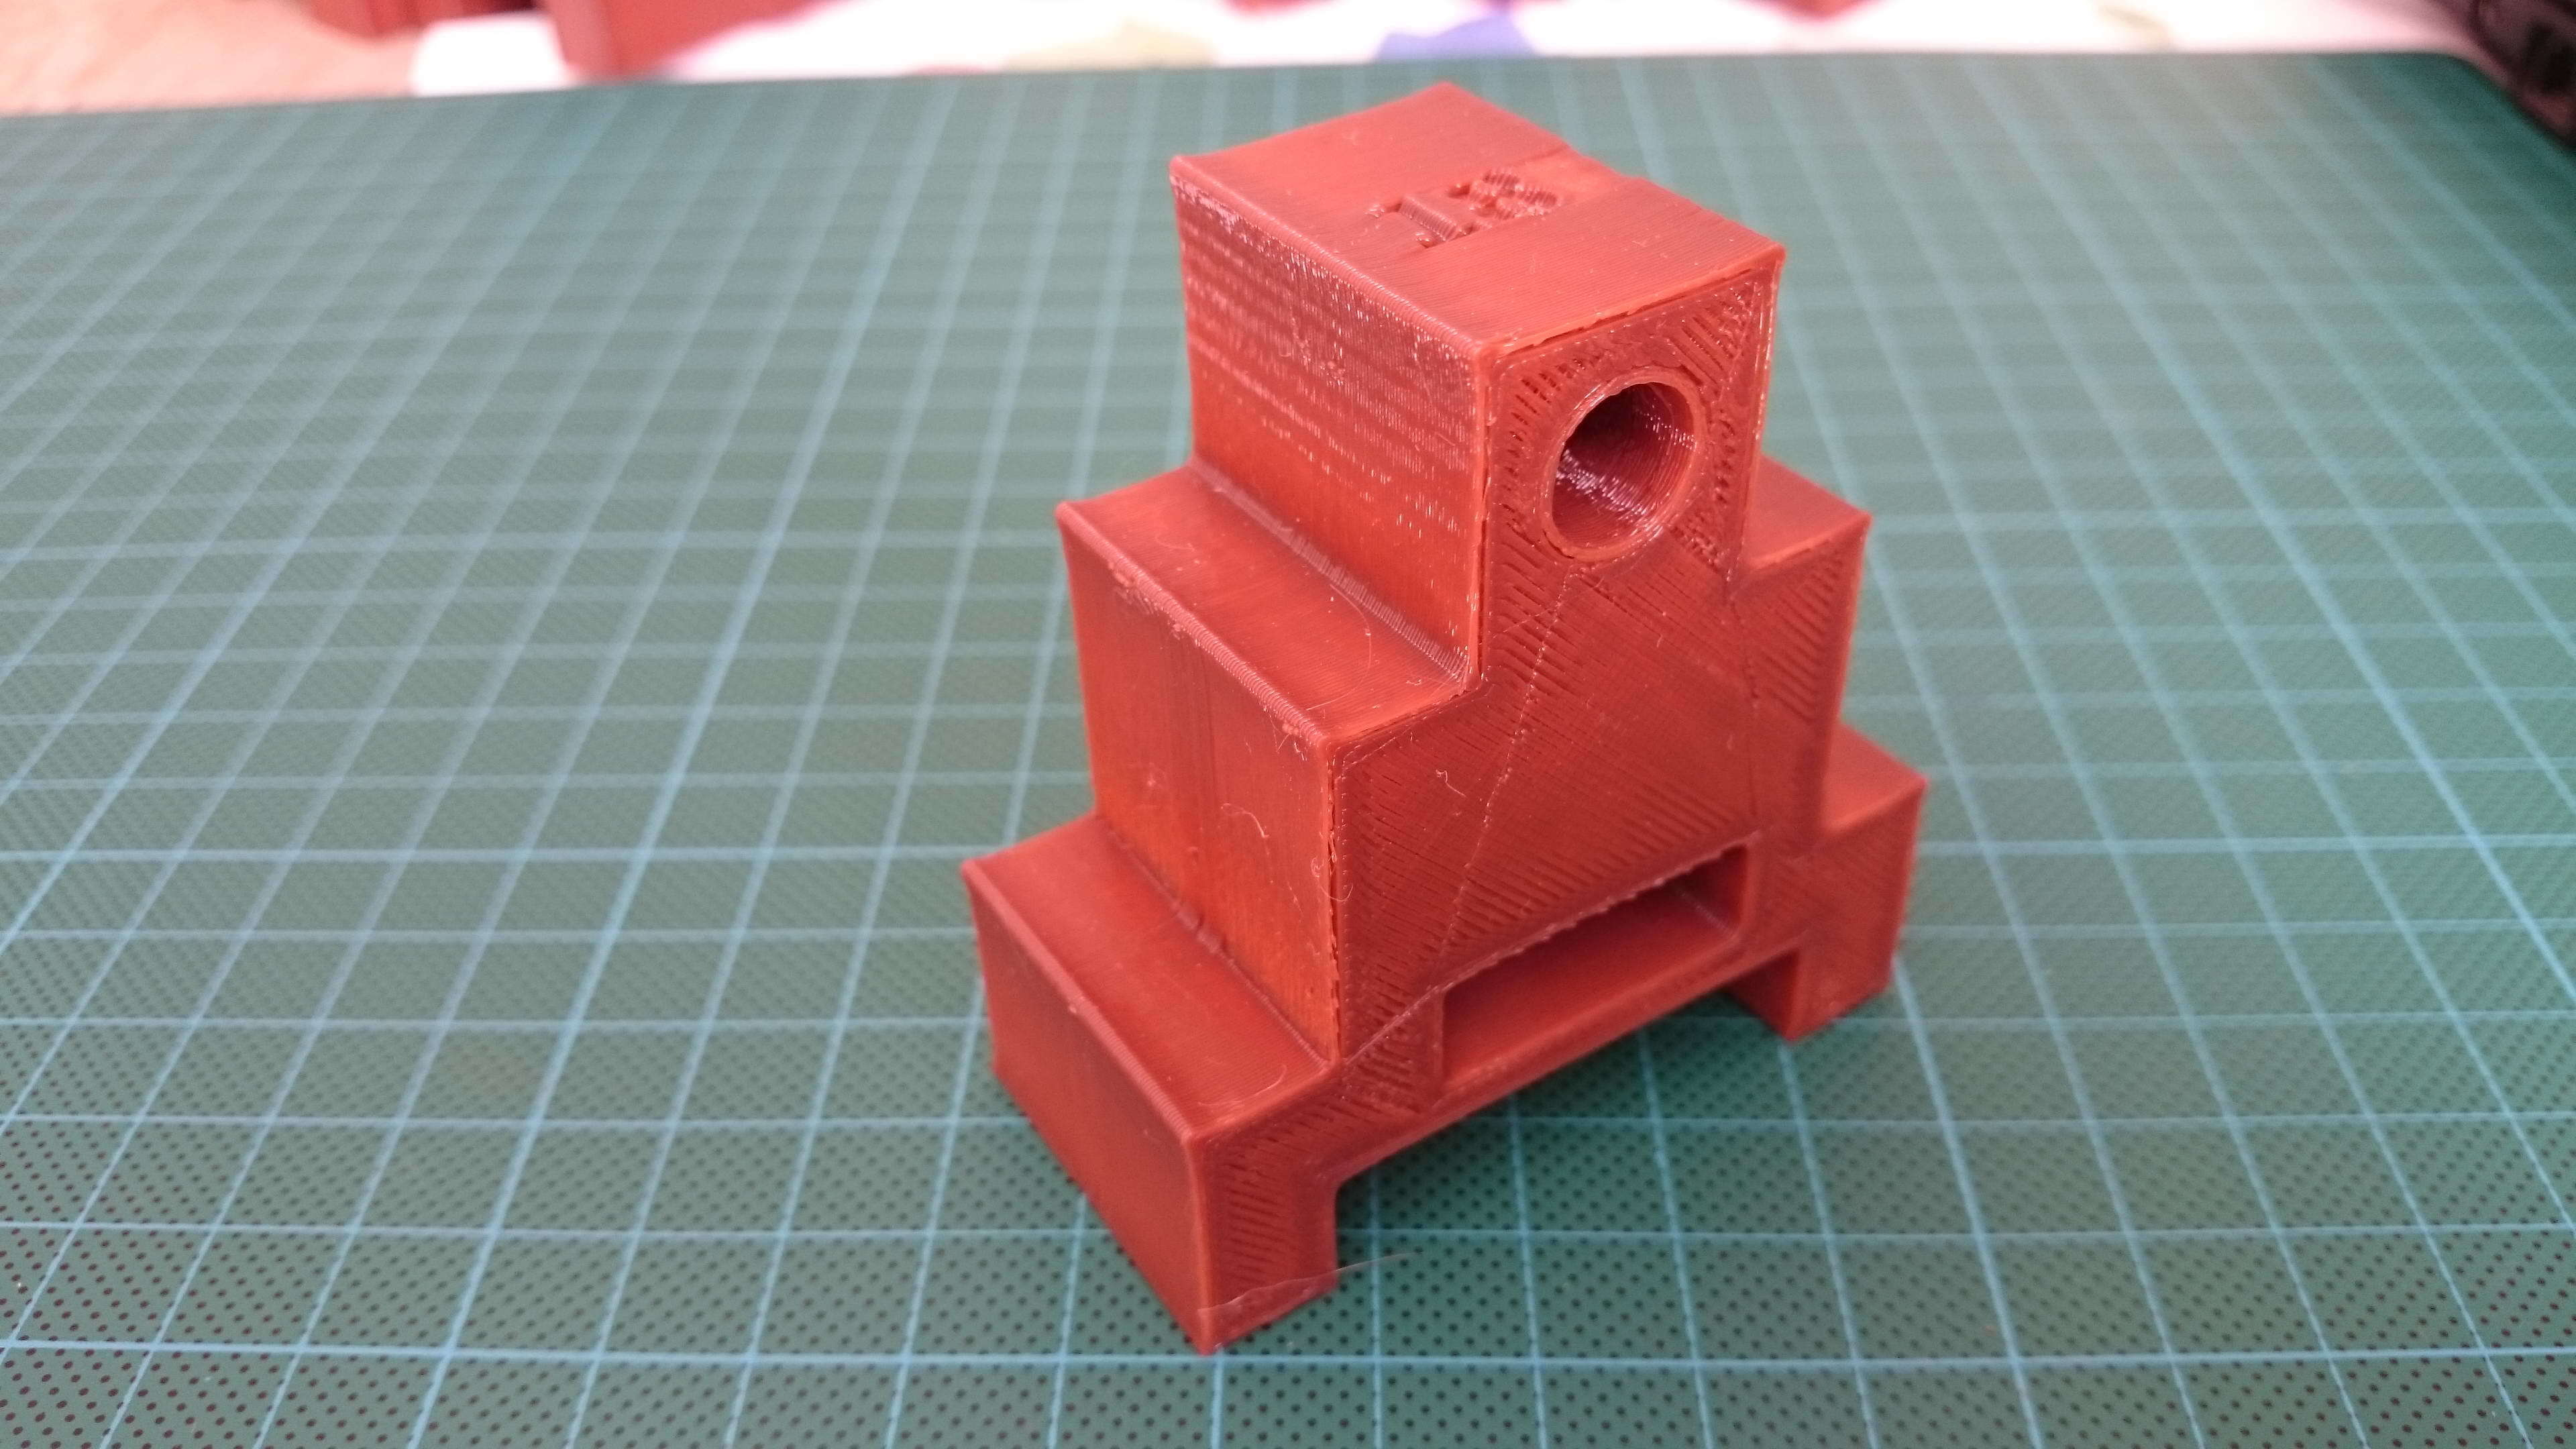 18.jpg Télécharger fichier STL gratuit Exemple de dessin technique 18 • Objet imprimable en 3D, murbay52